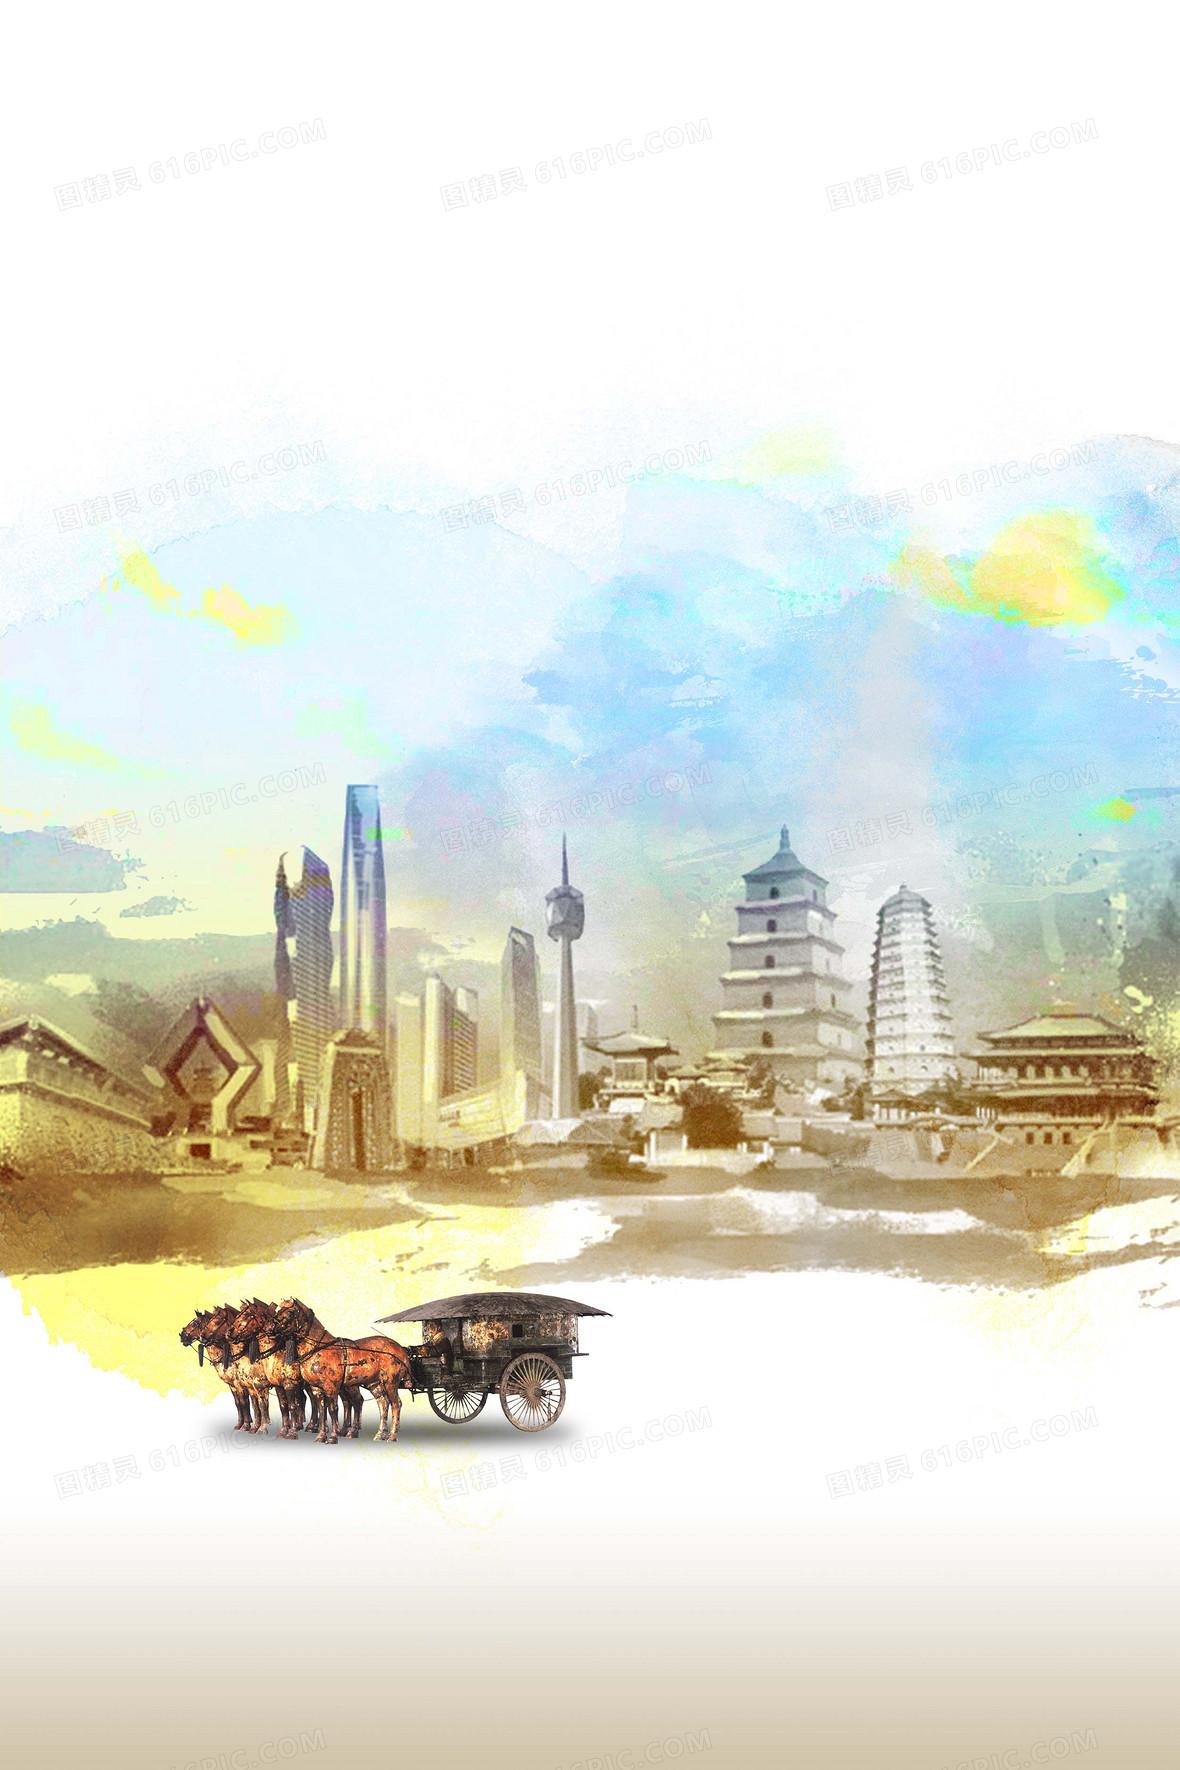 西安旅行海报背景素材